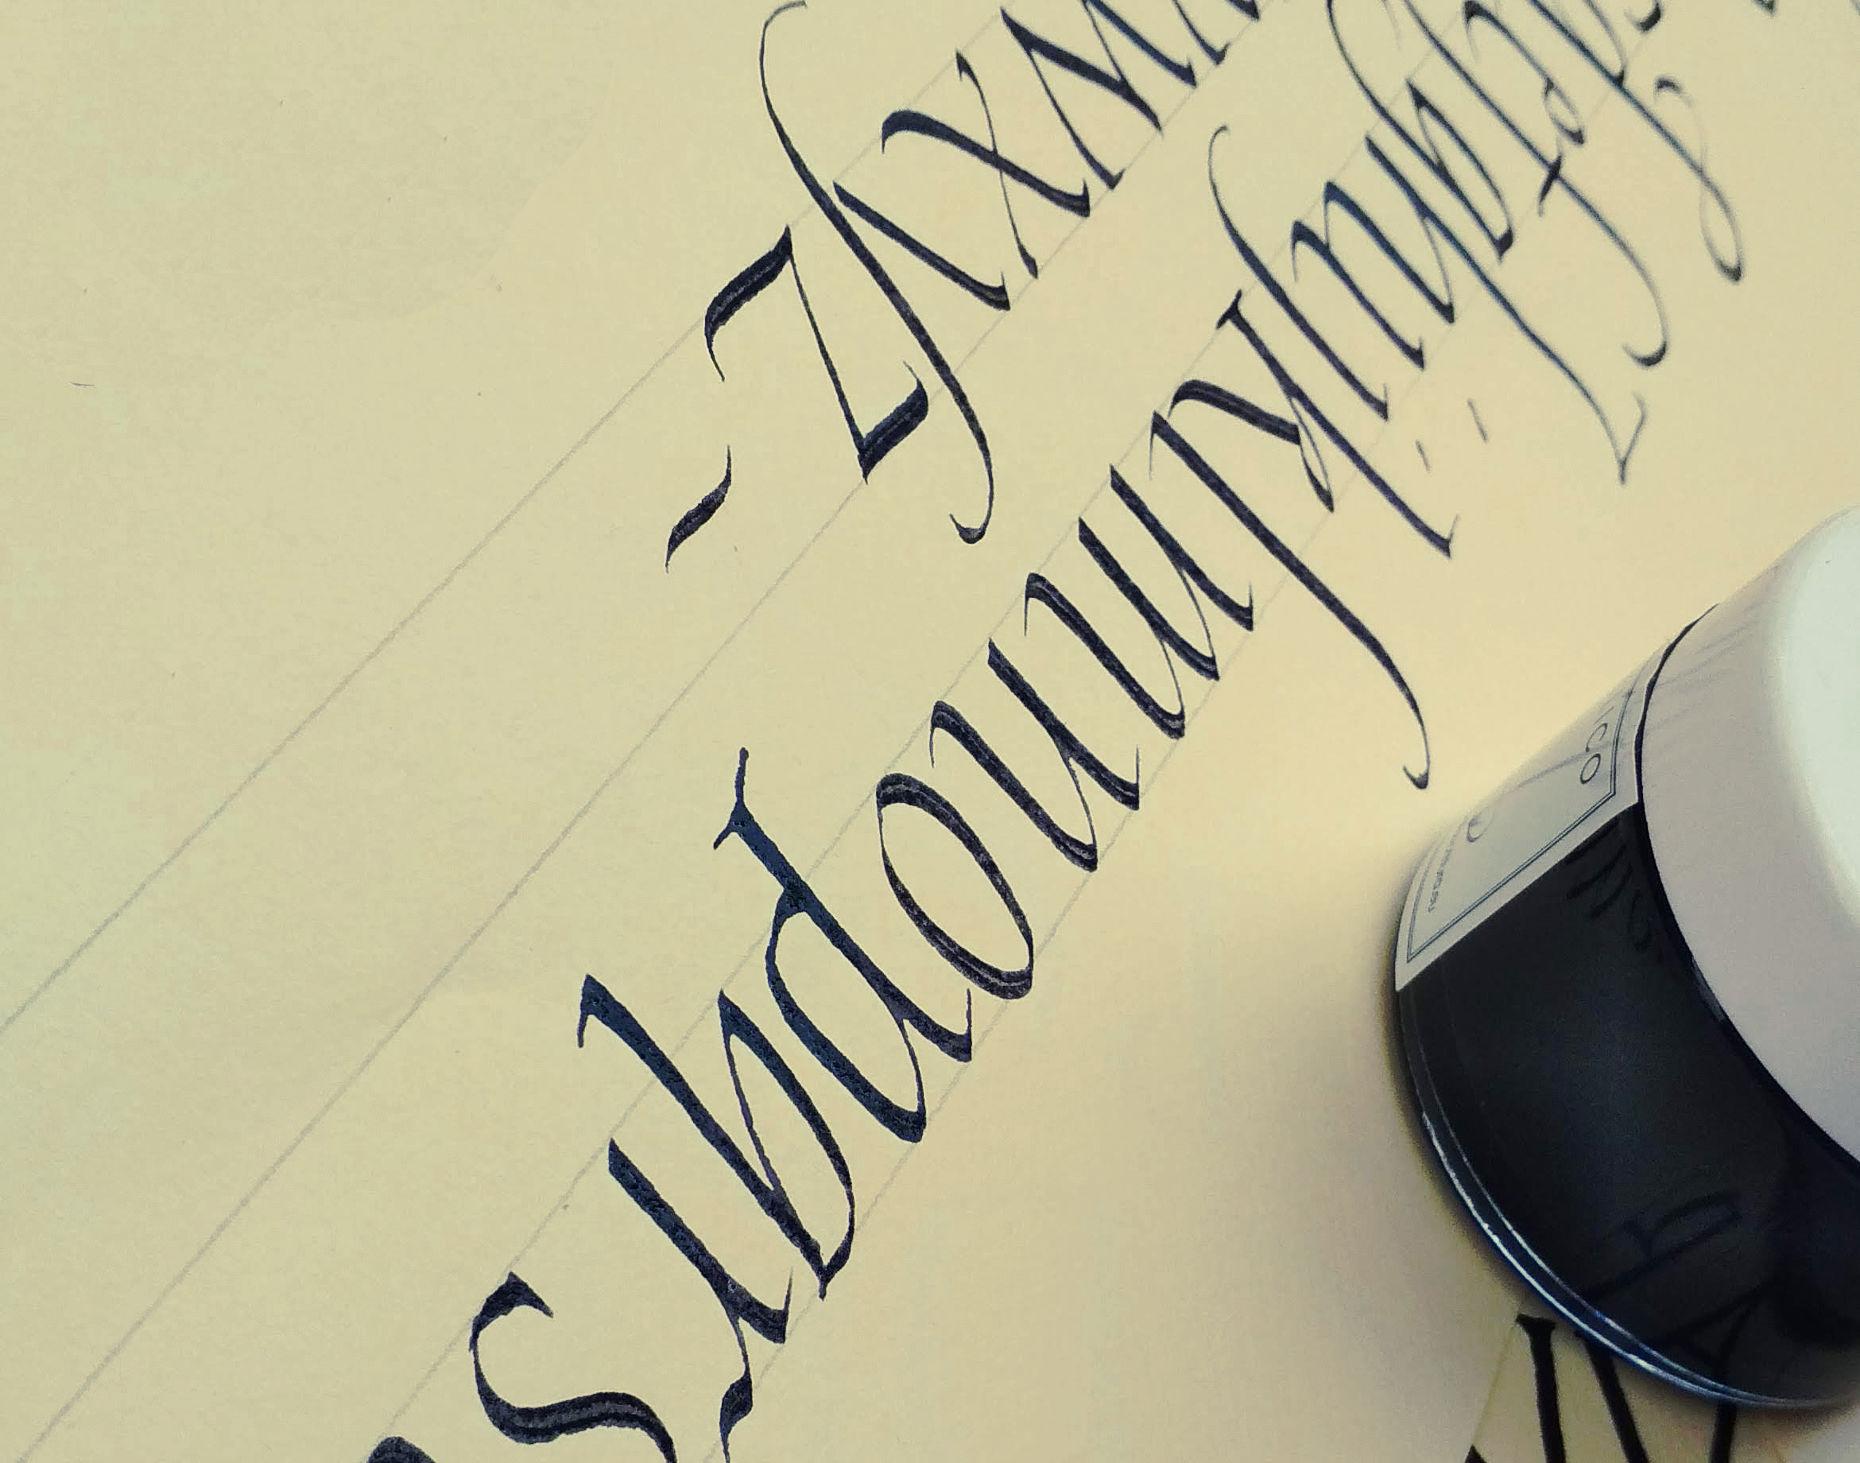 migliorare la scrittura calligrafia